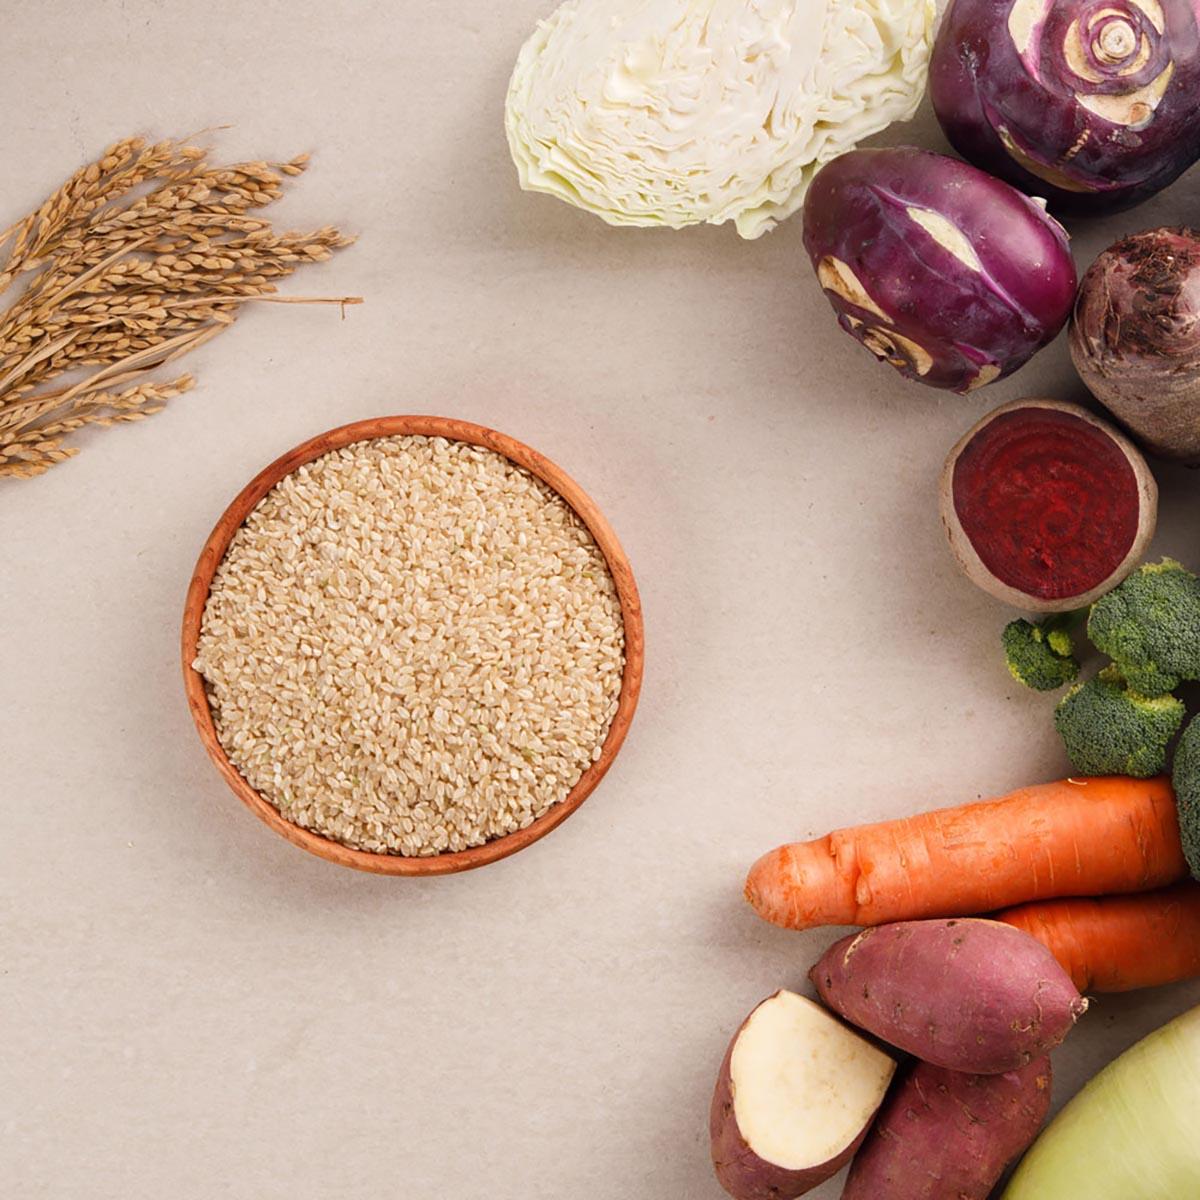 알록달록한 각종 채소들이 주변을 감싸고 가운데 가지런히 진열된 현미채소죽 사진